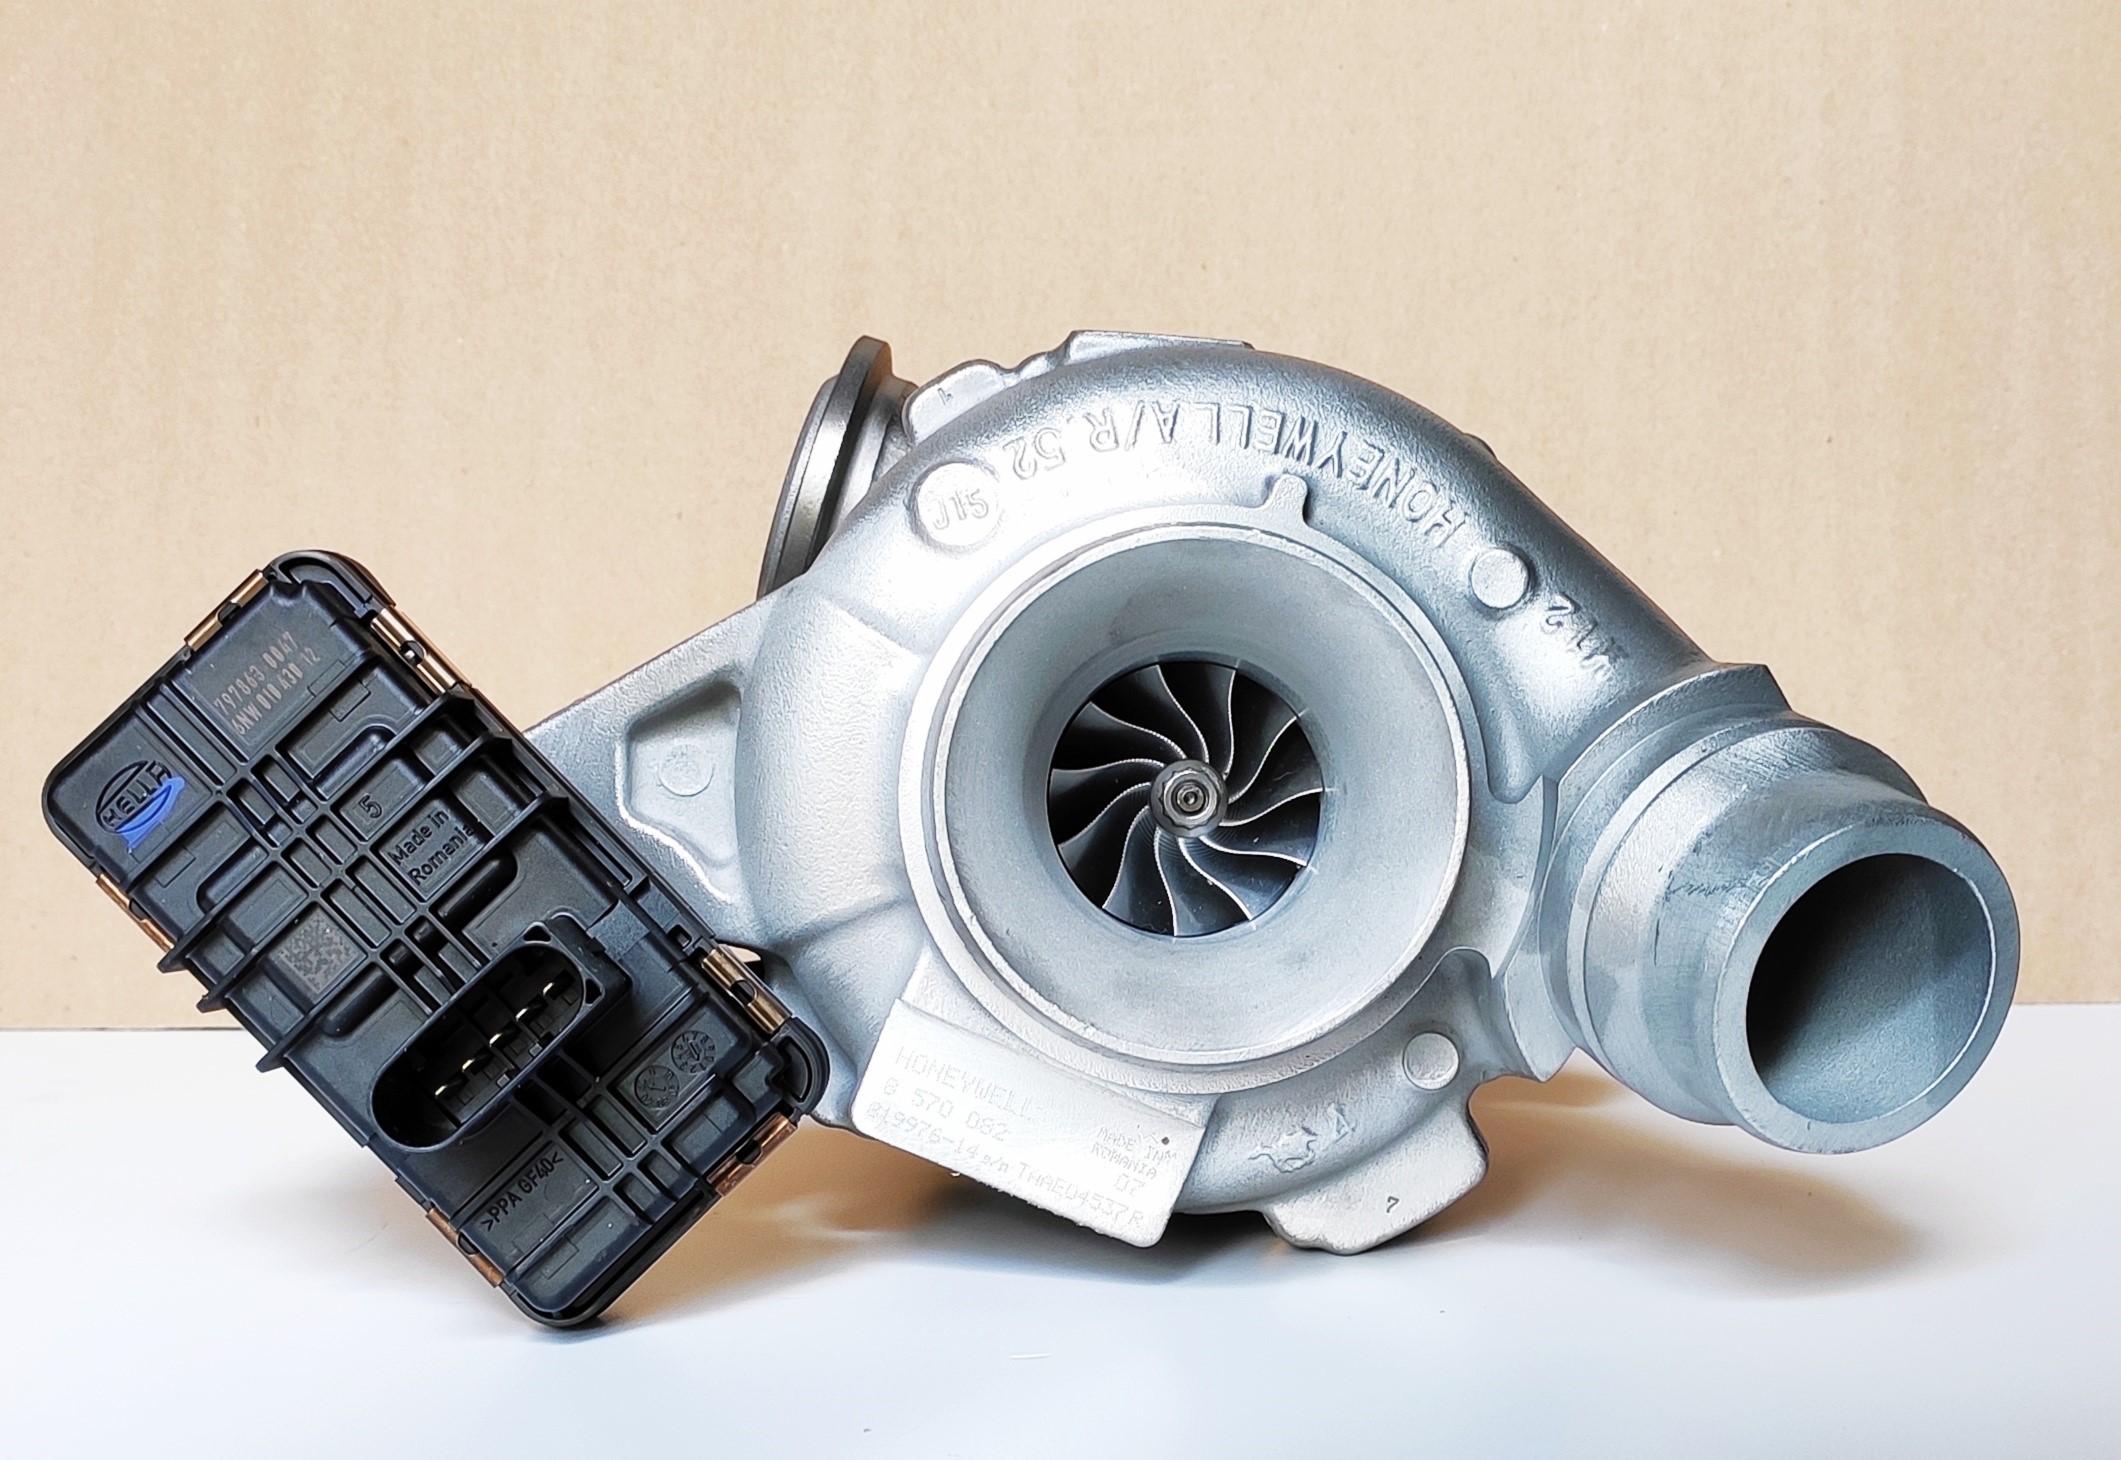 BMW 520D G30 Turbo Upgrade B47D20, BMW 120D F20, 220D F22, 320D F30, 420D  F32, 518D F10, 520D F10, X3 20 d F25, X3 20 d G01, X4 20 d F26